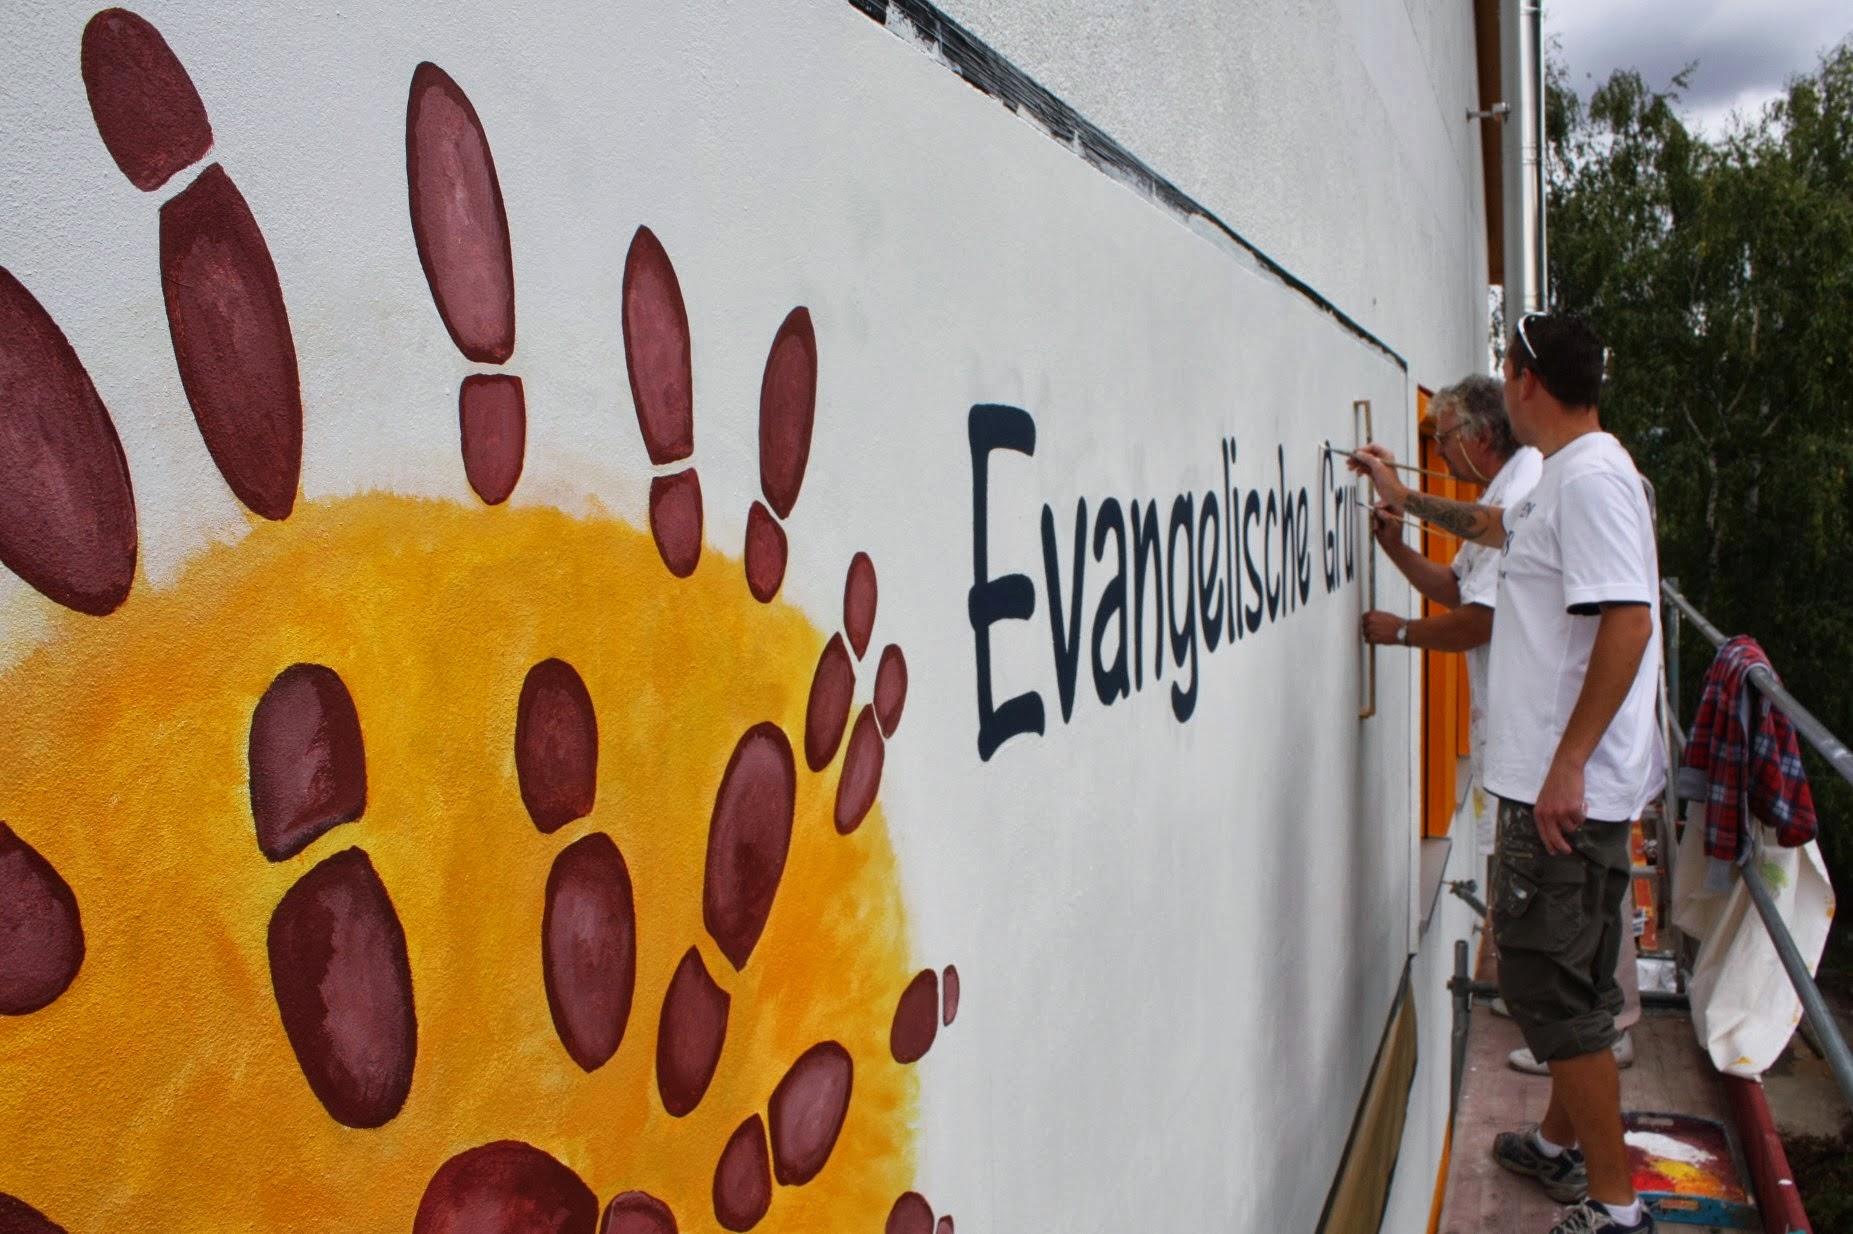 360-Fassadenmalerei-Evangelische-Grundschule-Sankt-Laurentius-Halberstadt-2011